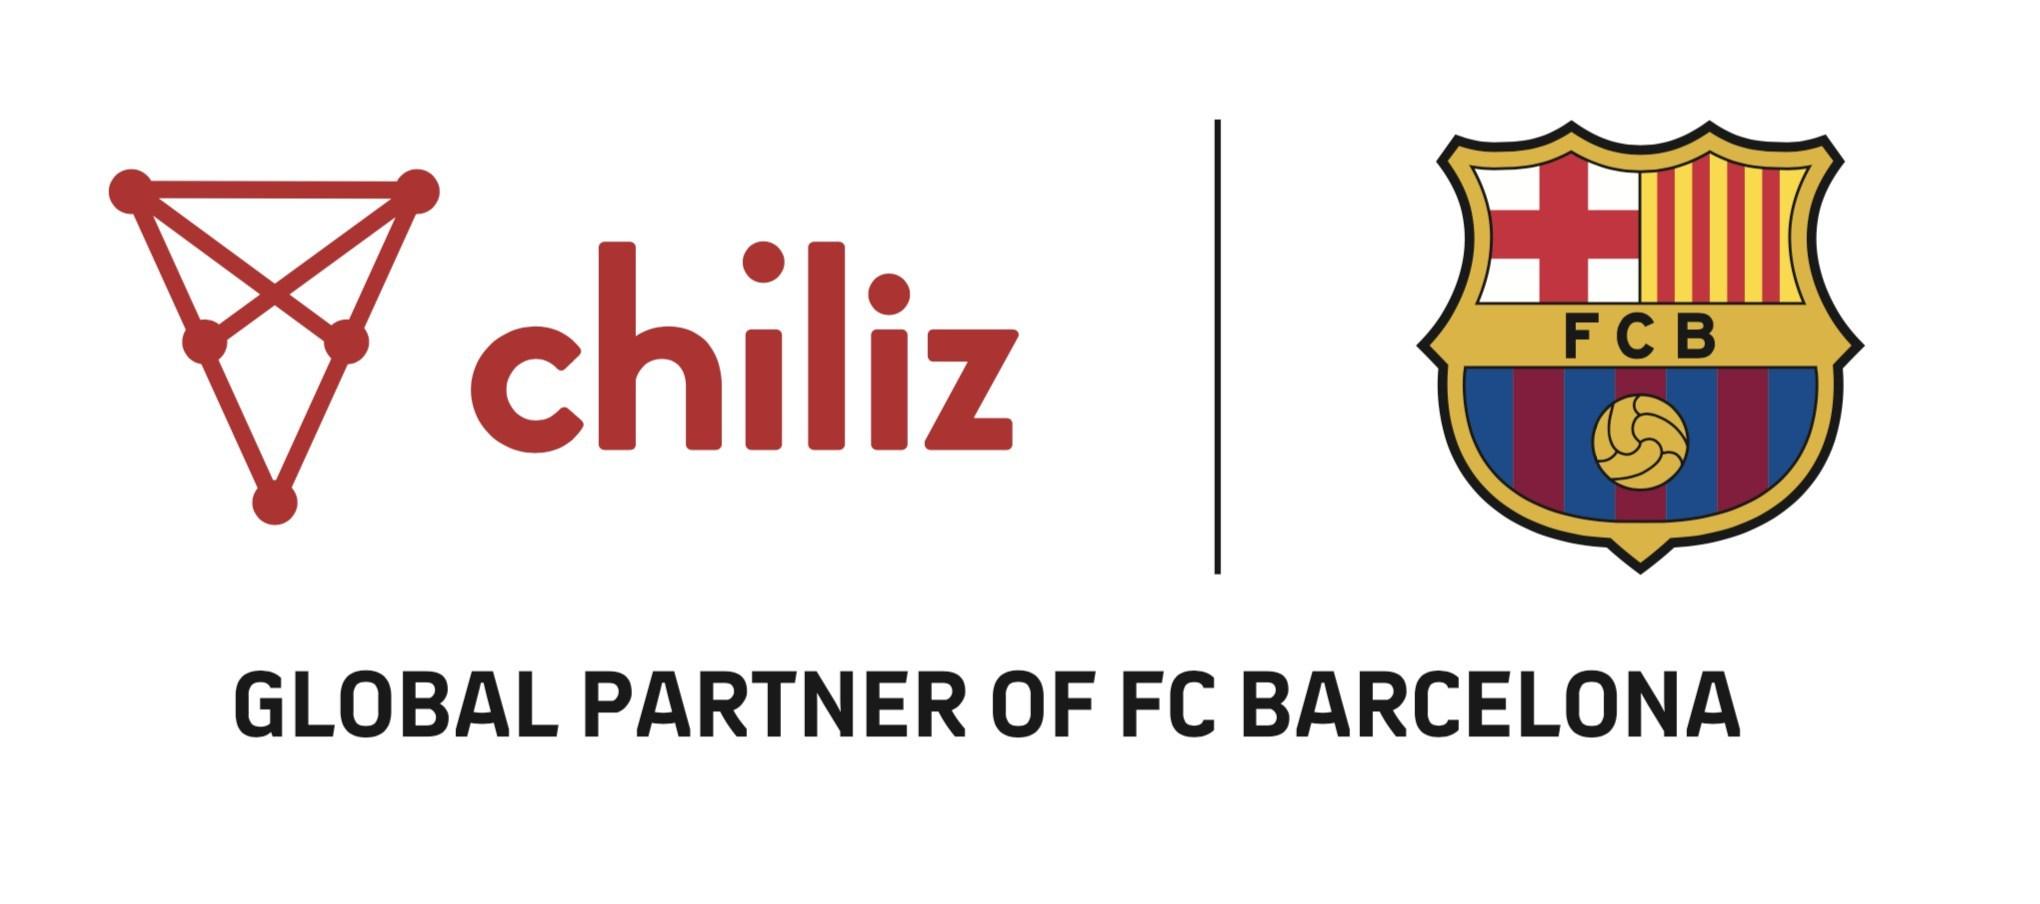 สโมสรฟุตบอลบาร์เซโลนา (FC Barcelona) จะออกโทเคนของตนเอง เพื่อแฟนบอล '300 ล้านคน' ทั่วโลก